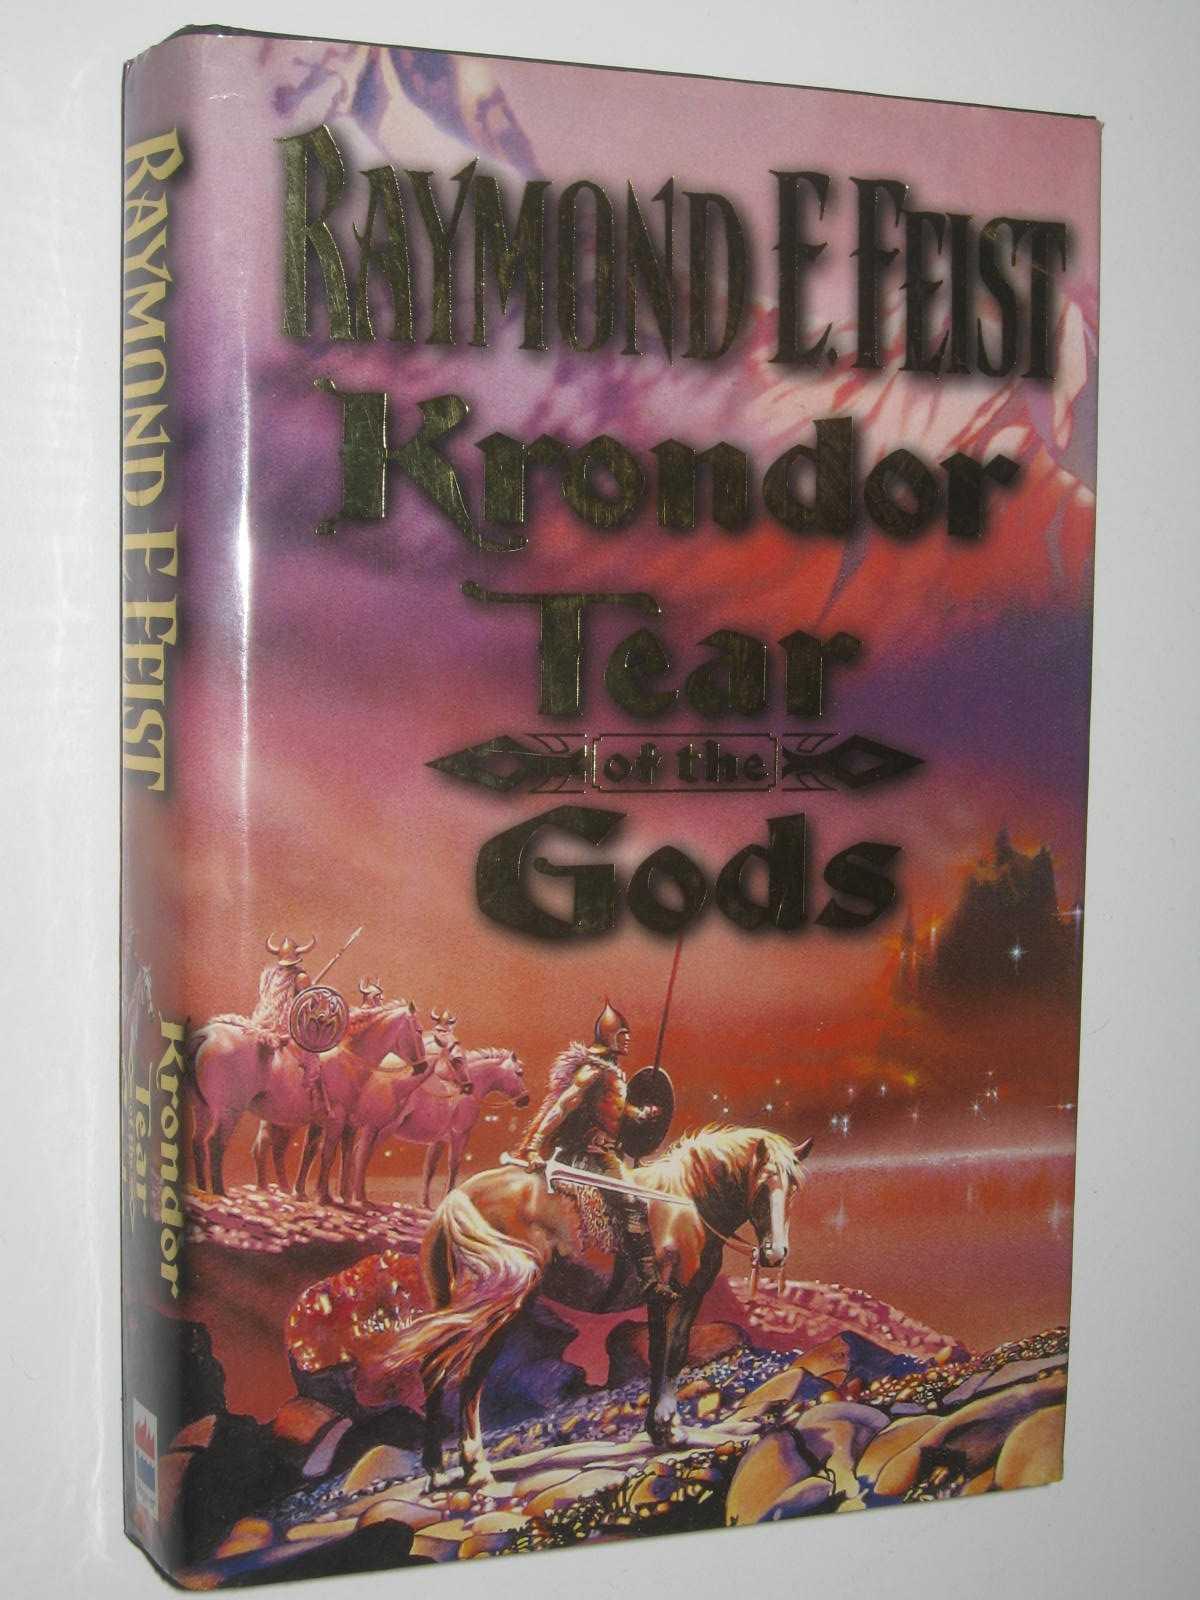 Image for Krondor: Tear of the Gods - Riftwar Legacy Series #3